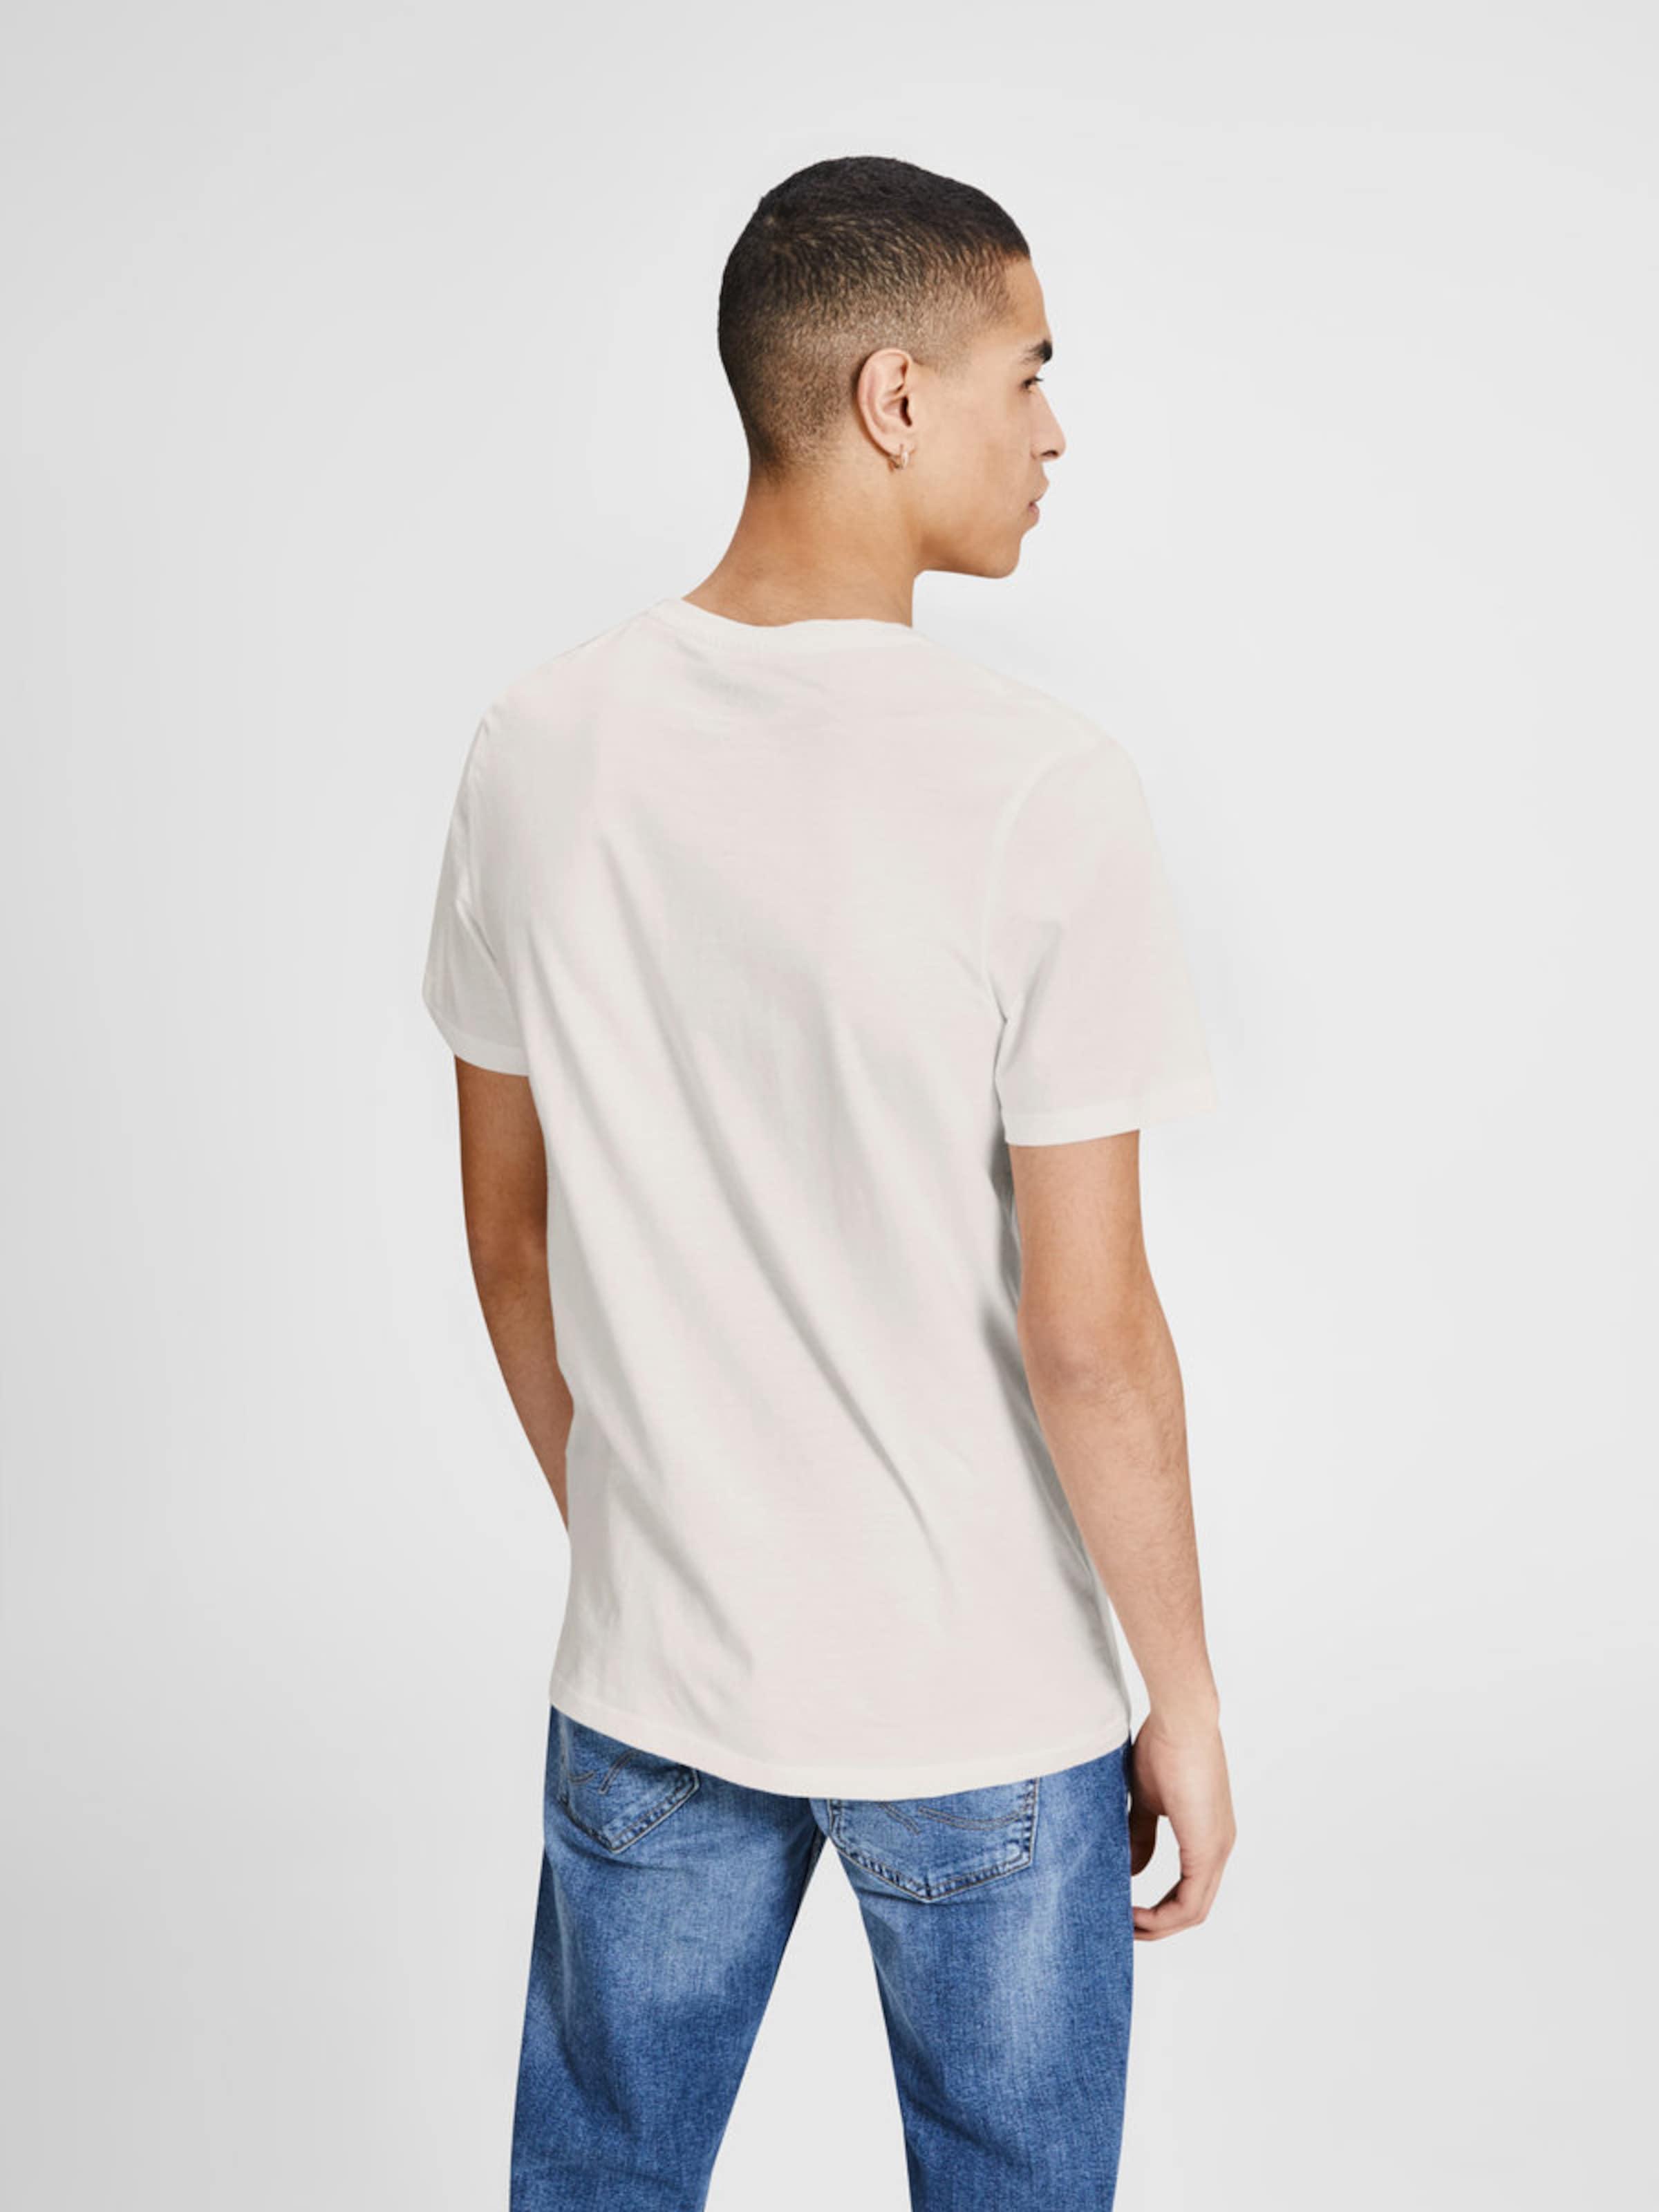 JACK & JONES Print T-Shirt Freies Verschiffen Hohe Qualität Bulk-Design Freies Verschiffen Rabatt 6YUId